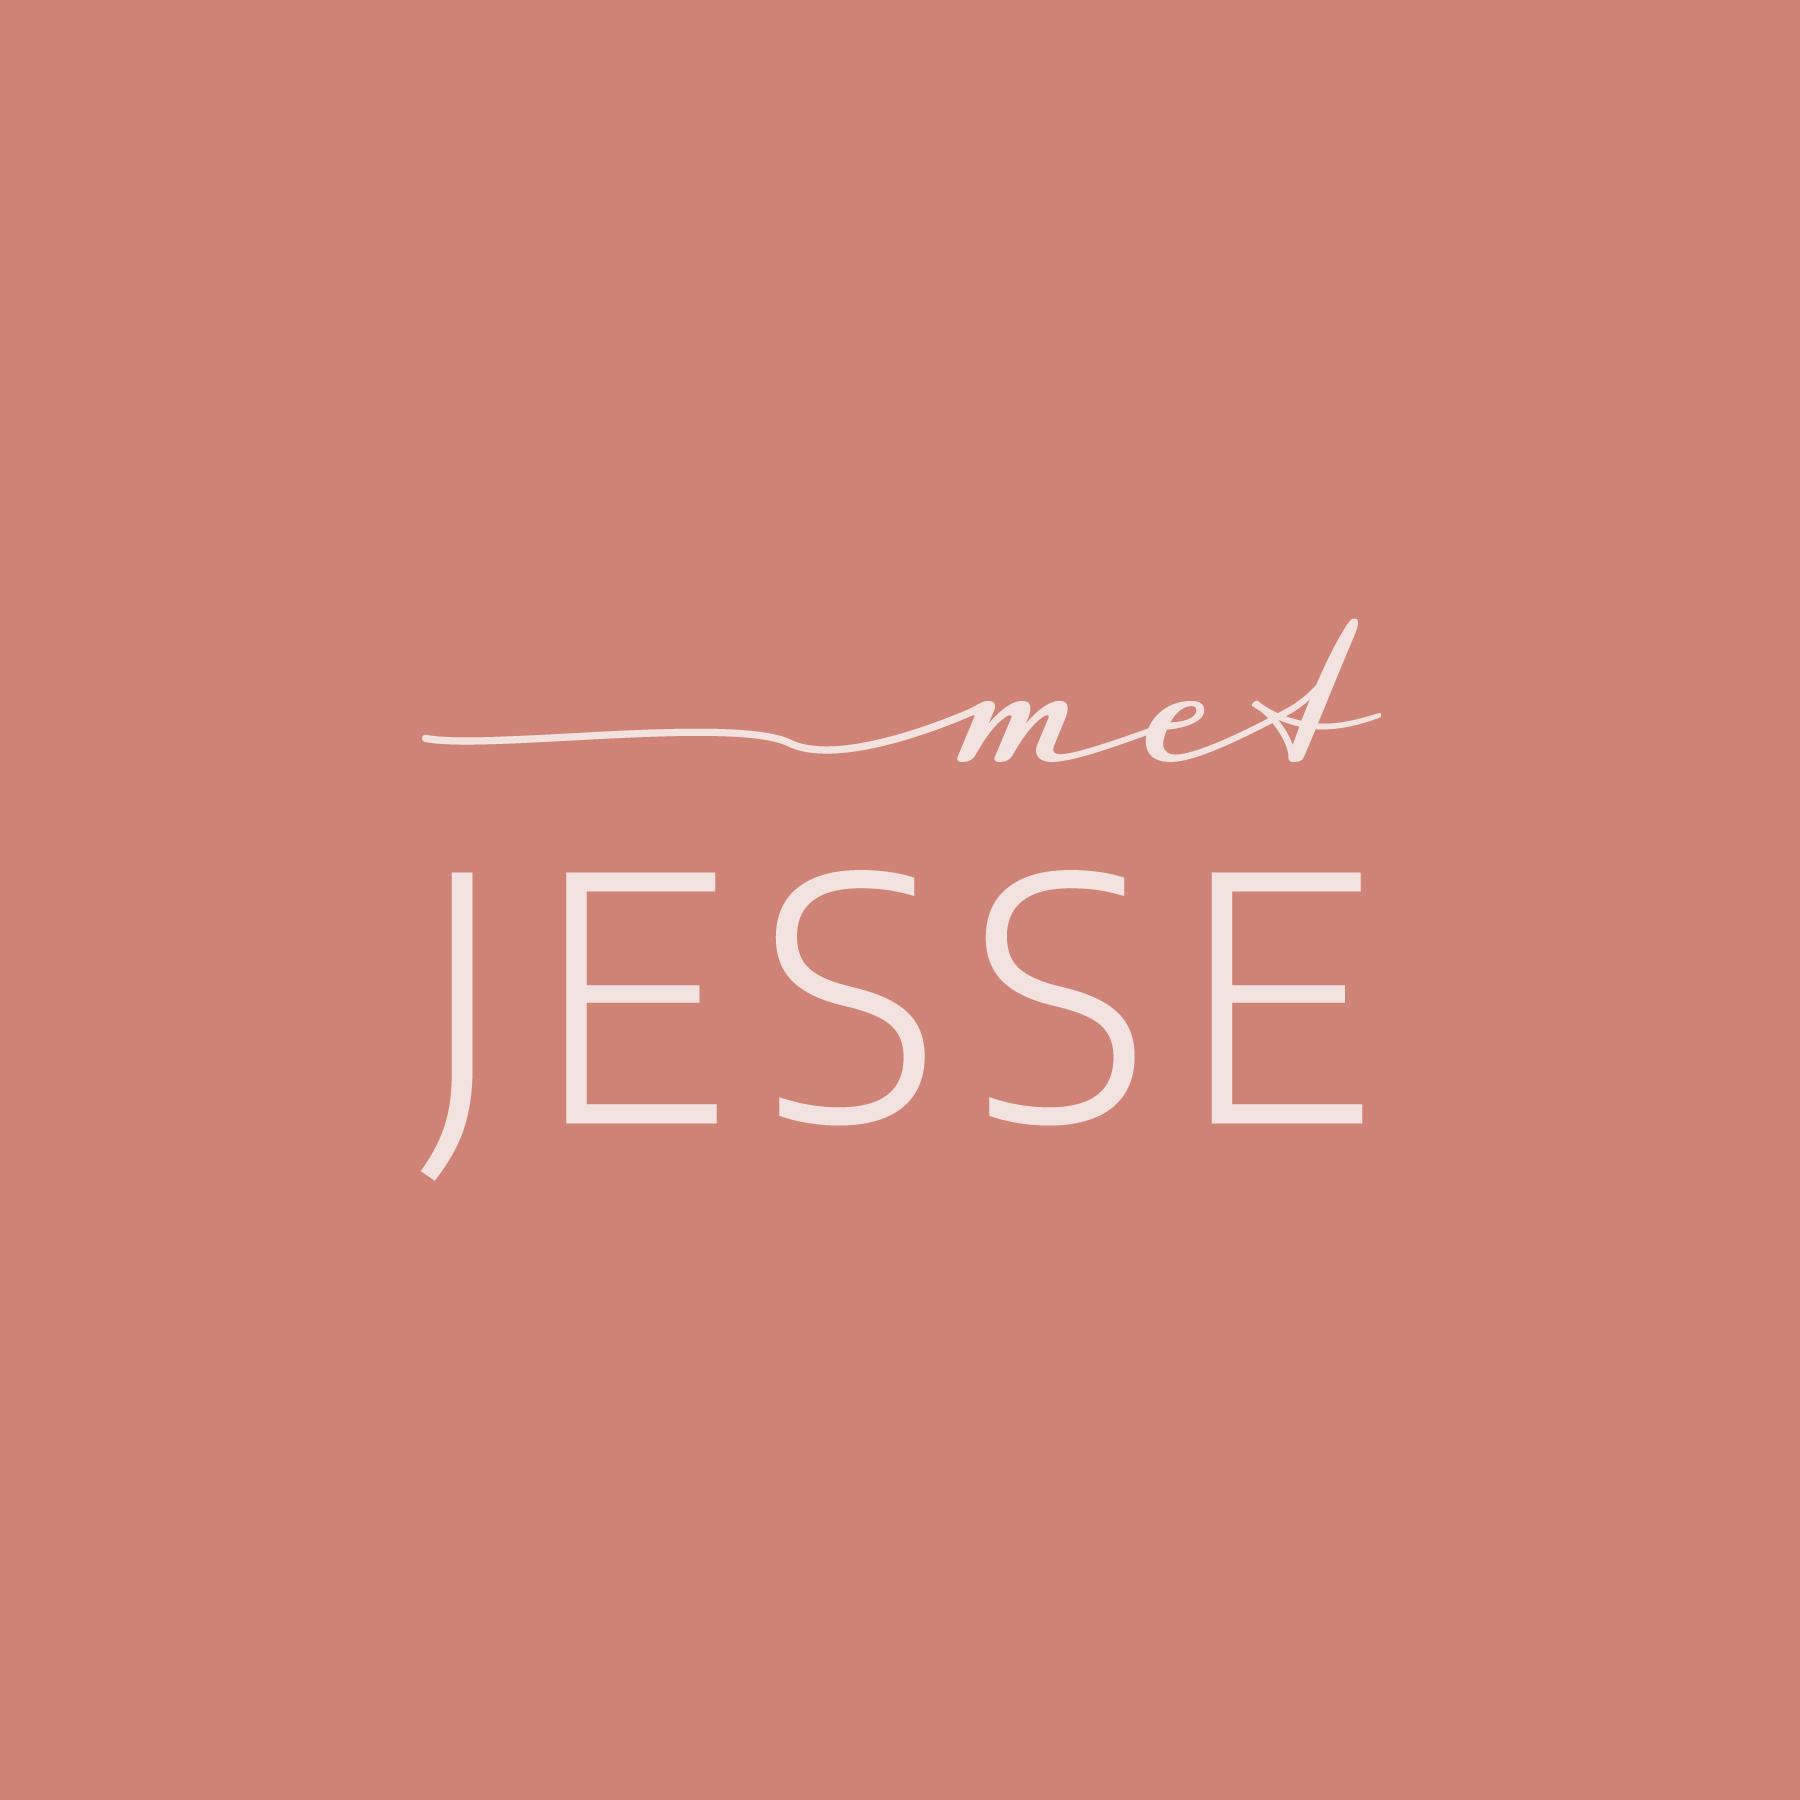 Logo Met jesse melanie velghe illyvanilly 3 RGB 72 ppi.jpg